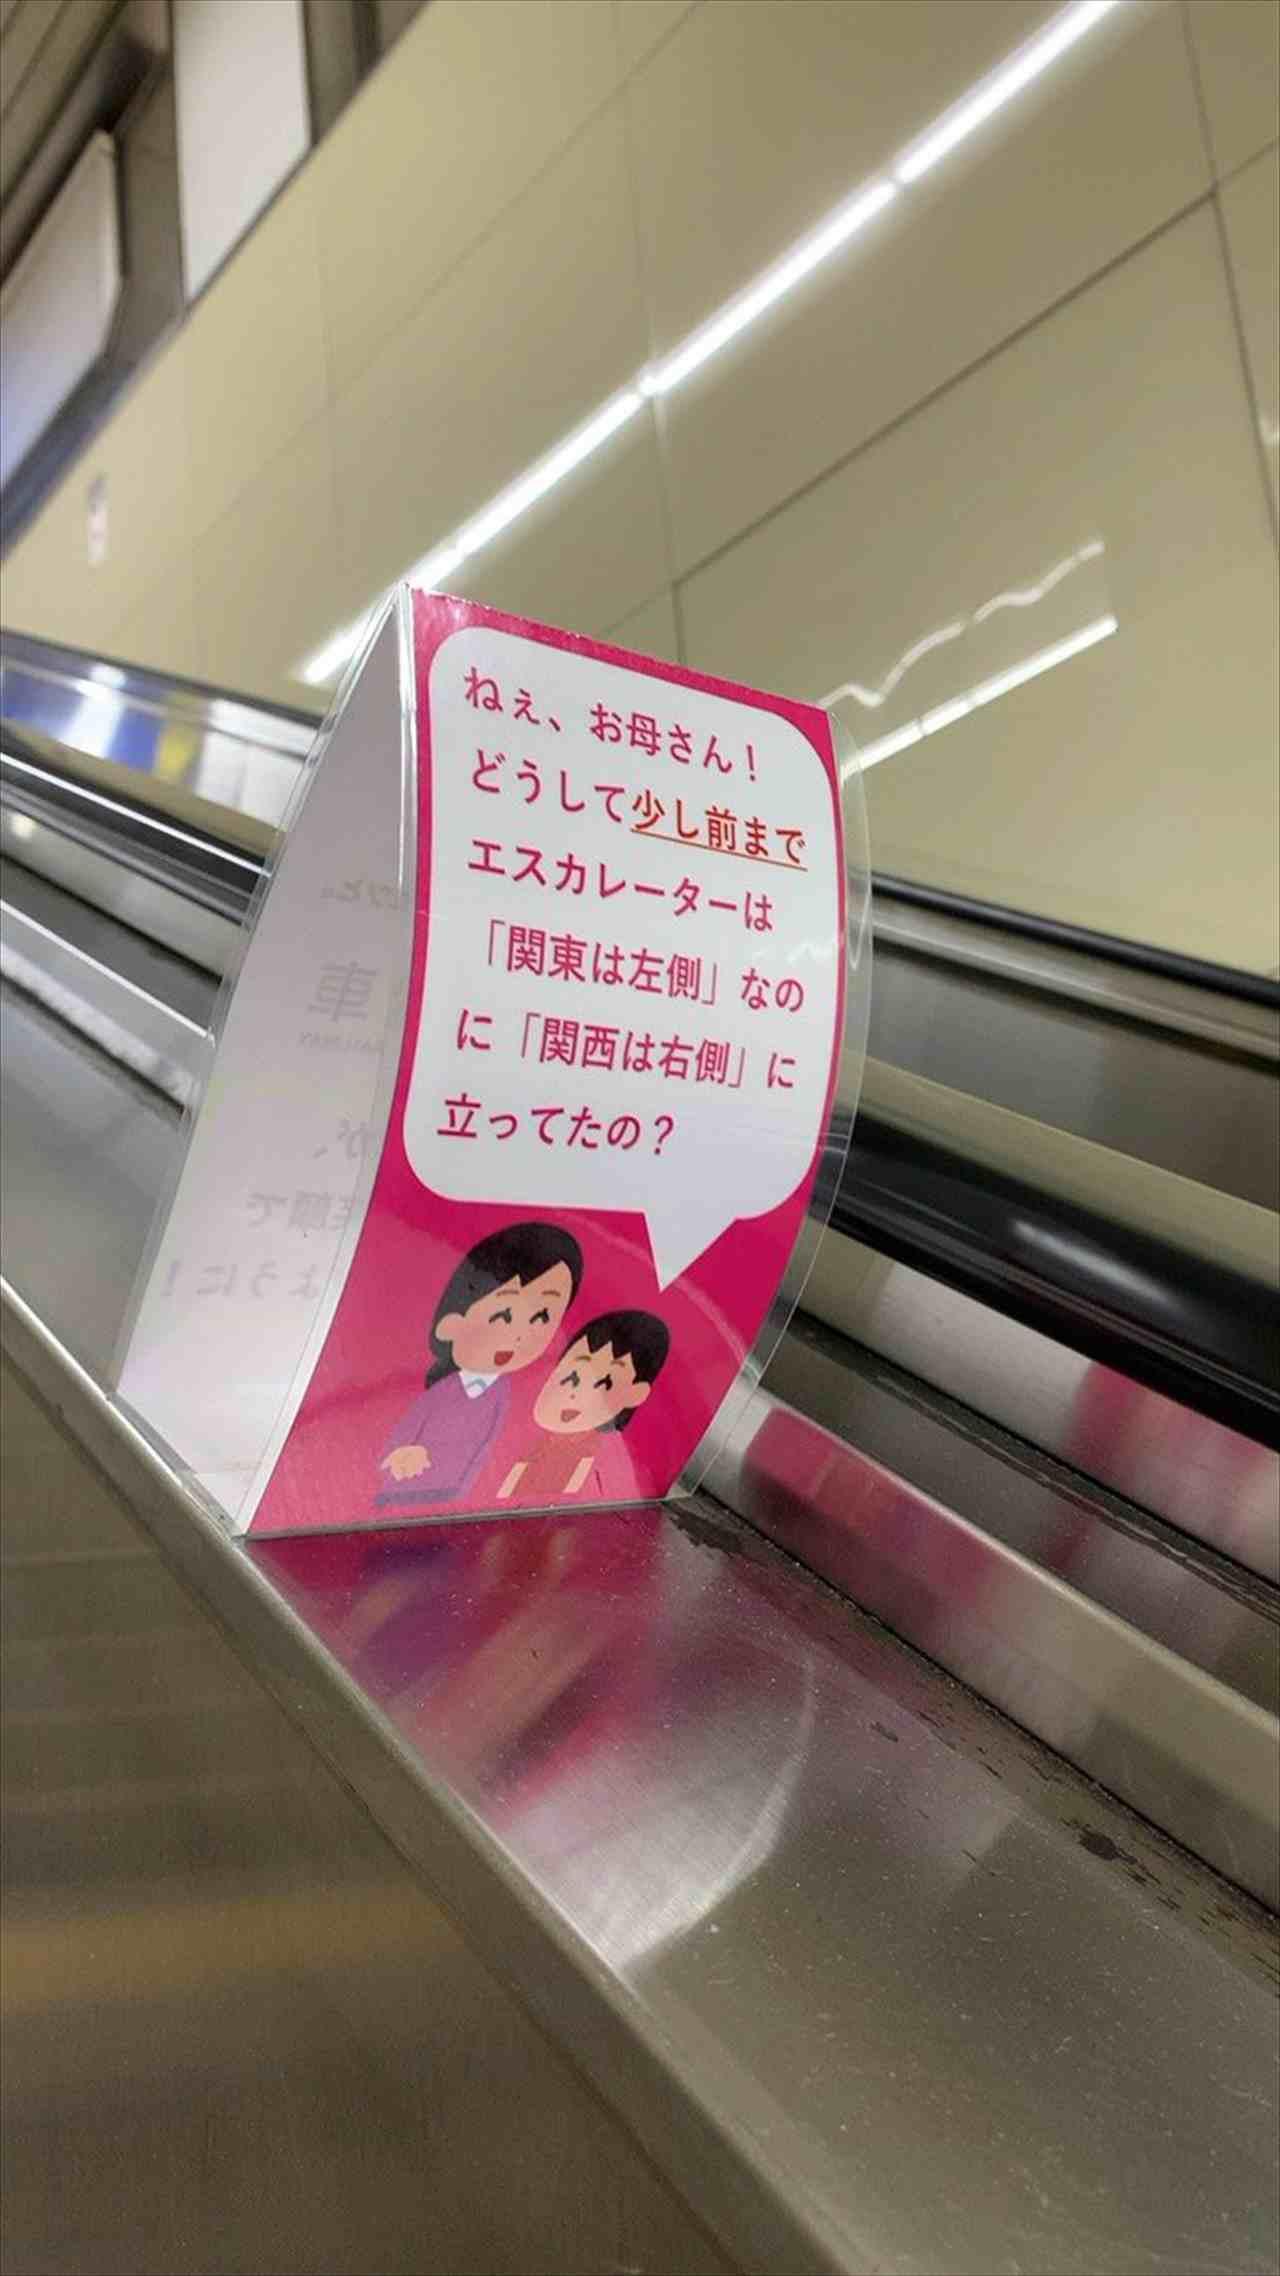 【素晴らしいセンス】最後のオチに笑った!駅のエスカレーターに設置された4つのPOPが面白いと話題に!